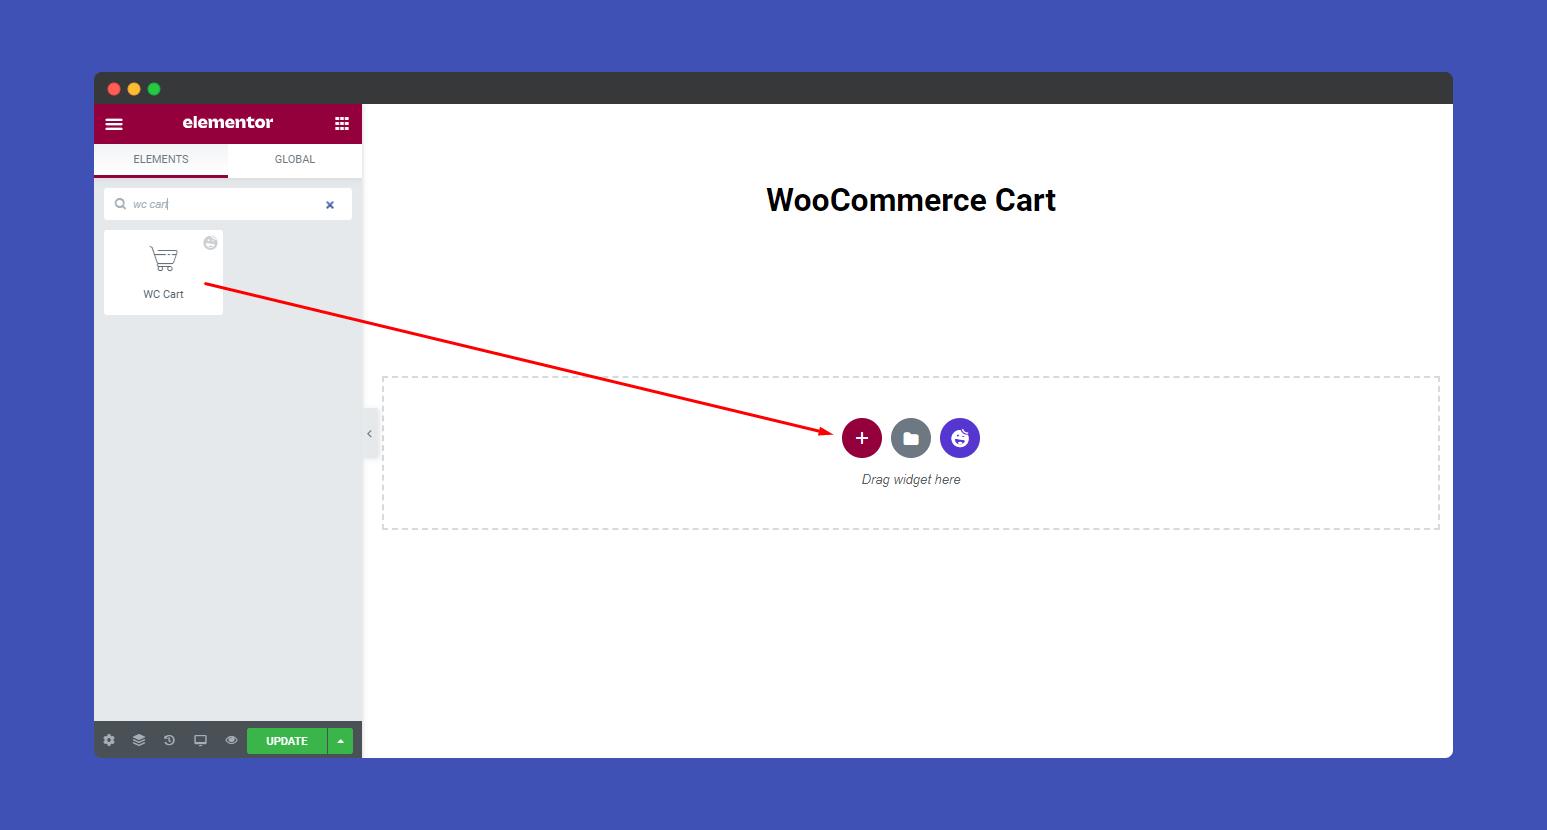 Add WooCommerce Cart widgets